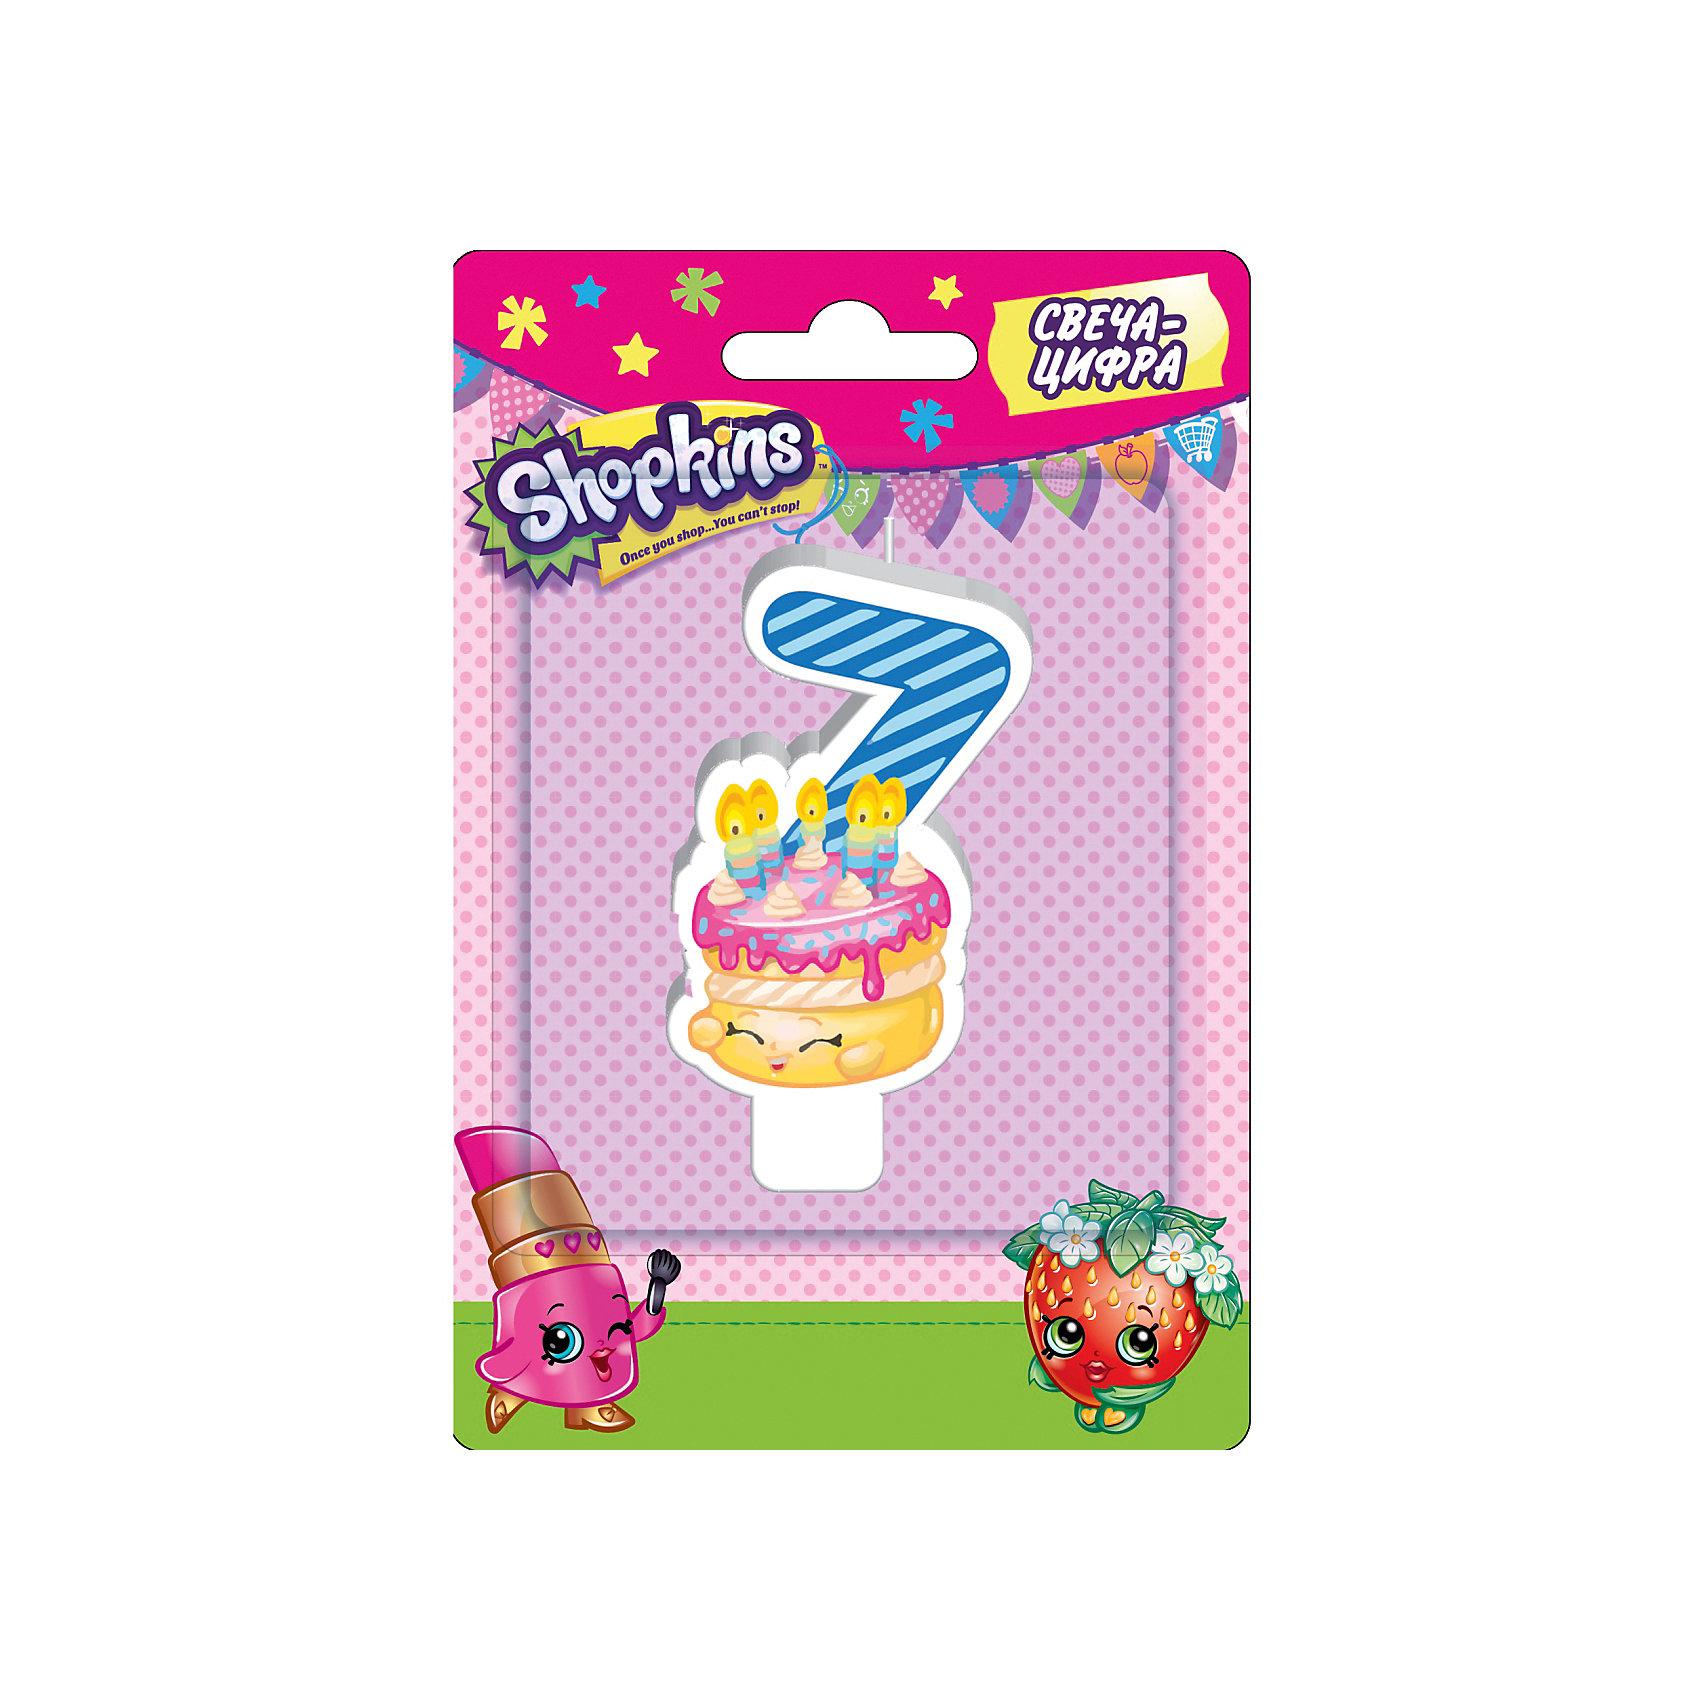 Свеча-цифра 7, 8 см, ShopkinsВсё для праздника<br>Характеристики товара:<br><br>• размер: 8 см<br>• состав: стеарин<br>• упаковка: блистер<br>• страна бренда: Россия<br>• страна изготовитель: Китай<br><br>Очаровательная фигурная свеча Цифра 7 с изображением одной из коллекционных игрушек Shopkins мило украсит праздничный тортик в честь дня рождения малютки. Высота свечи из стеарина: 8 см.<br><br>Свечу-цифру 7, 8 см, Shopkins, вы можете приобрести в нашем интернет-магазине.<br><br>Ширина мм: 150<br>Глубина мм: 100<br>Высота мм: 70<br>Вес г: 40<br>Возраст от месяцев: 36<br>Возраст до месяцев: 2147483647<br>Пол: Женский<br>Возраст: Детский<br>SKU: 5453523